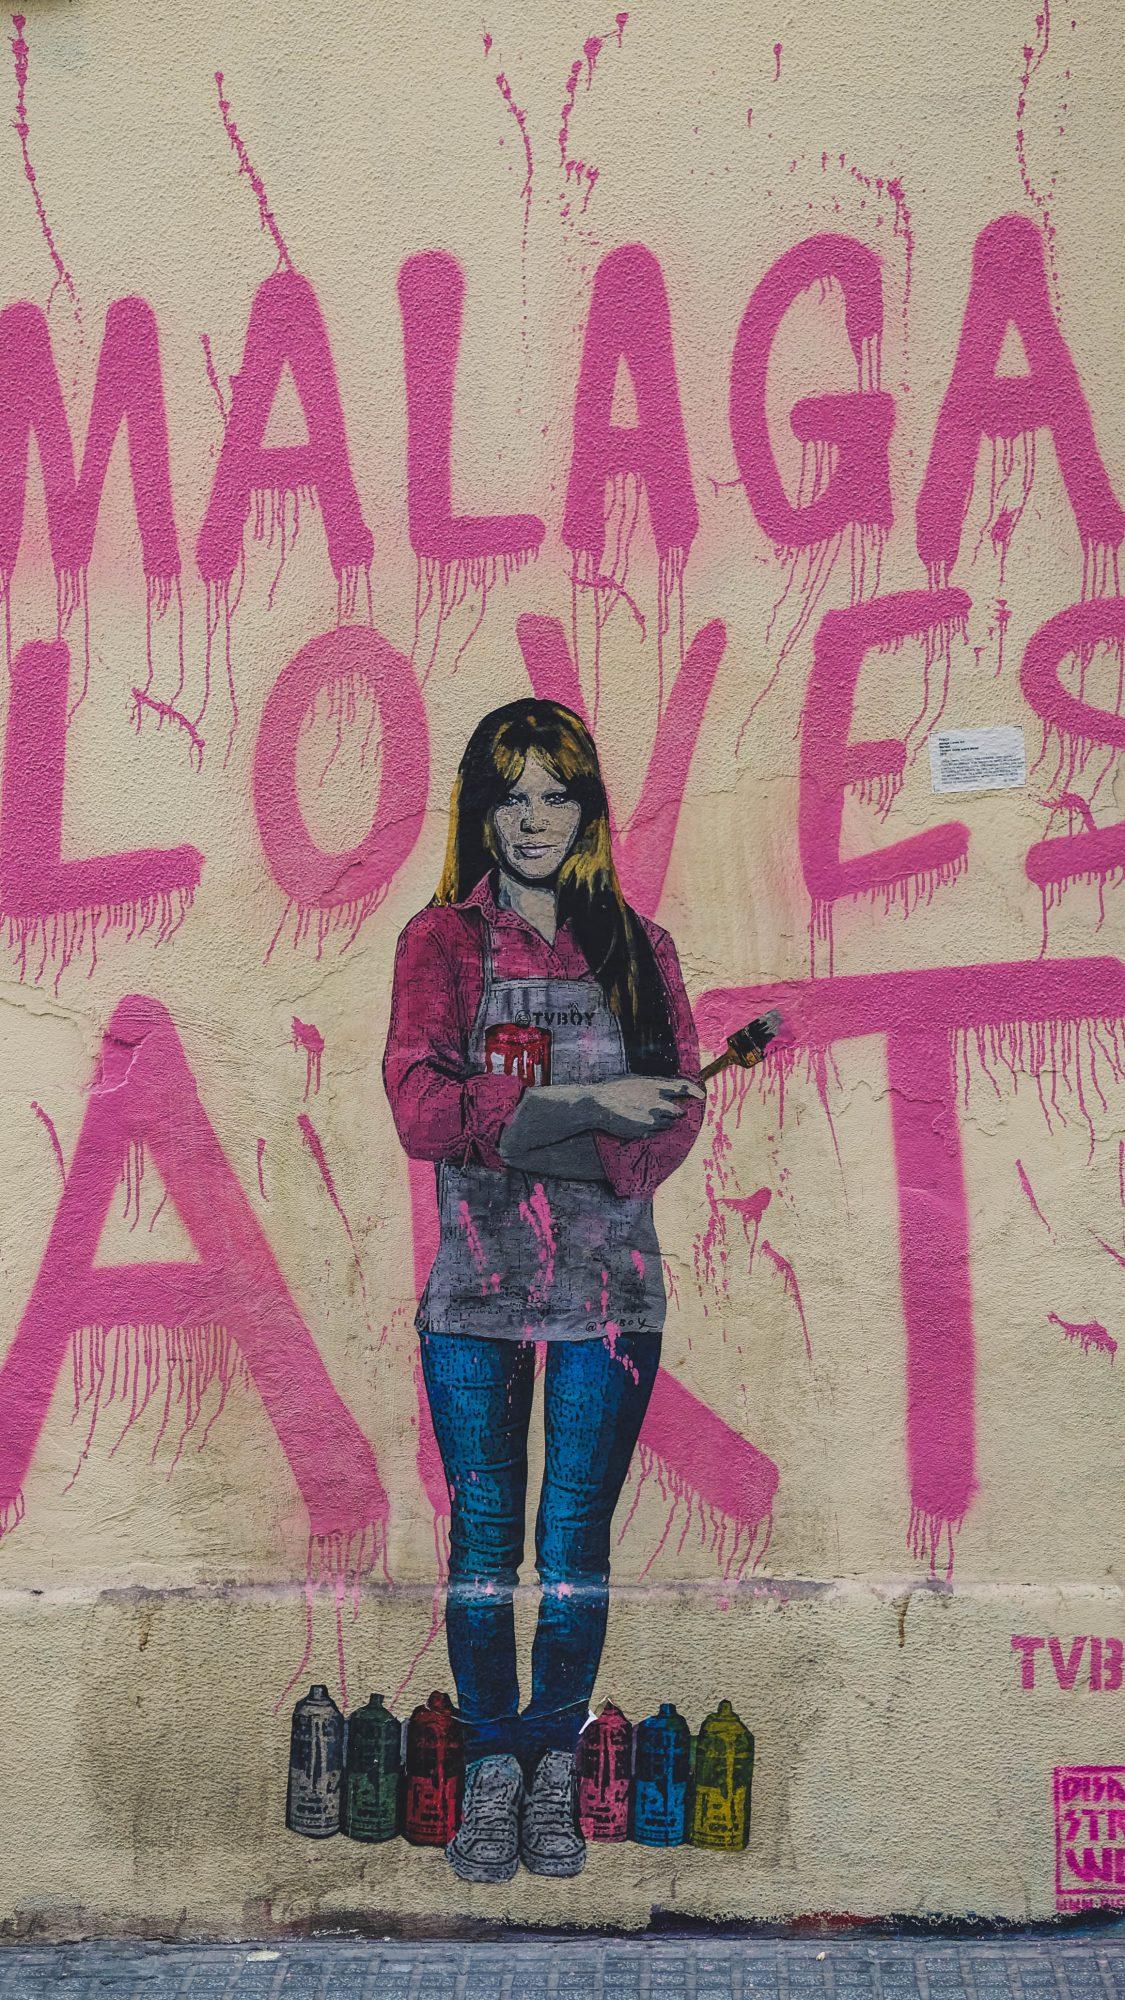 Malaga Loves Art 1.3 - Malaga, Espagne